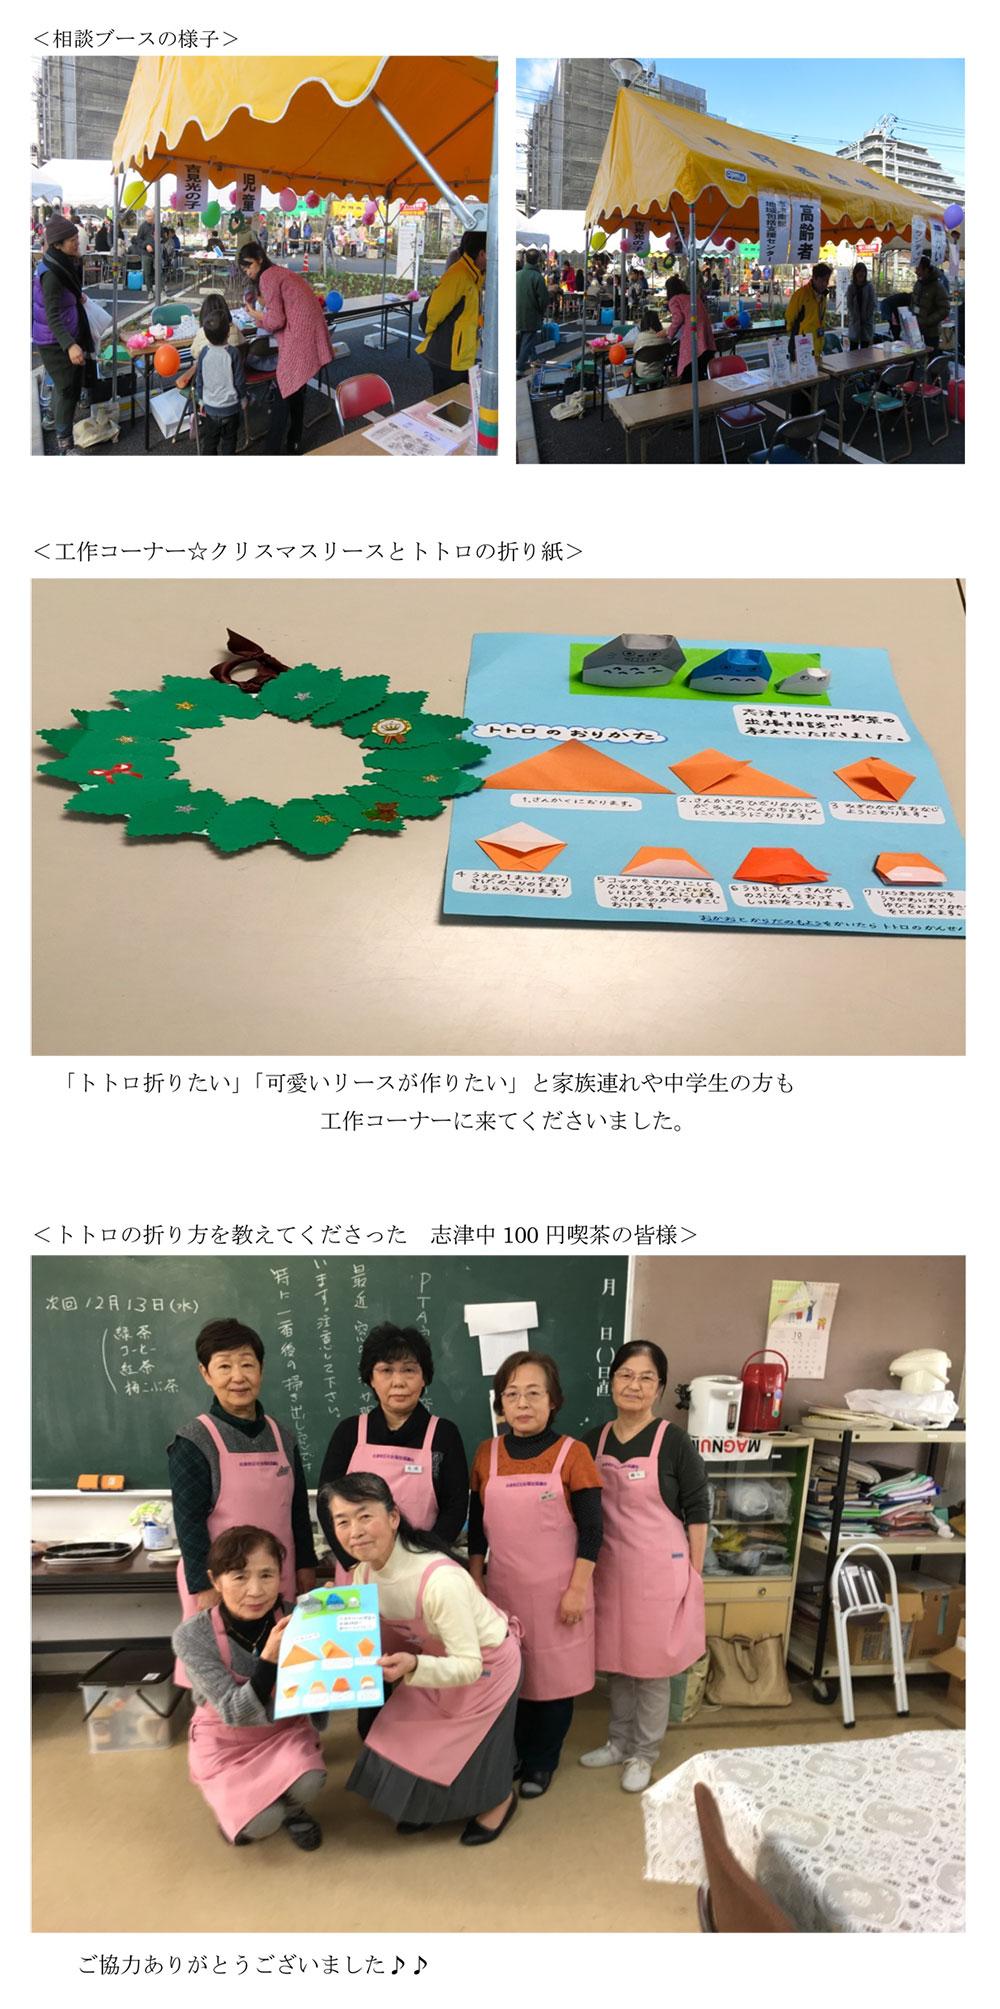 HPグラグ版:千代田ふれあい祭りアンケート-1